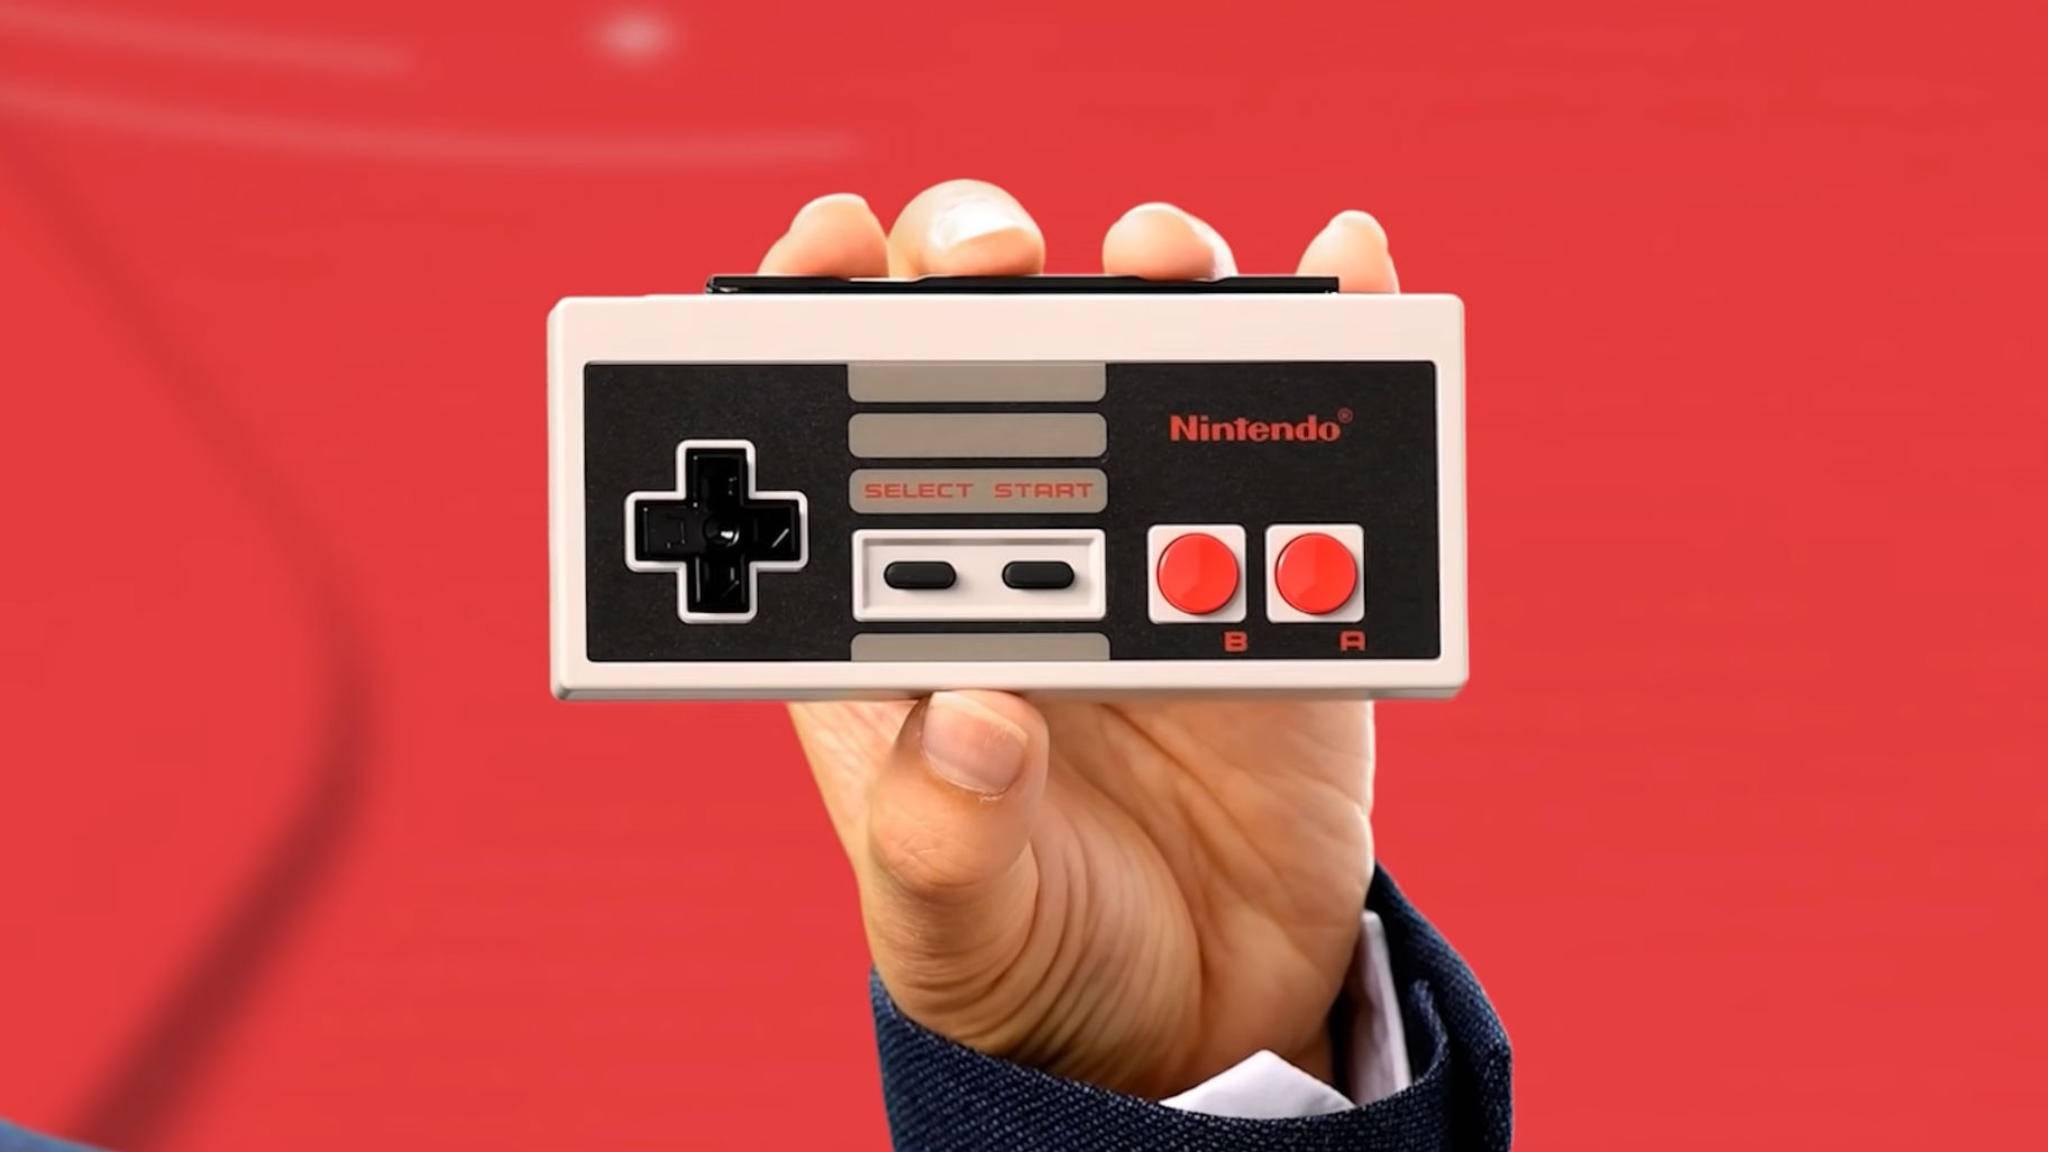 Für die Nintendo Switch wurde ein NES-Controller vorgestellt.